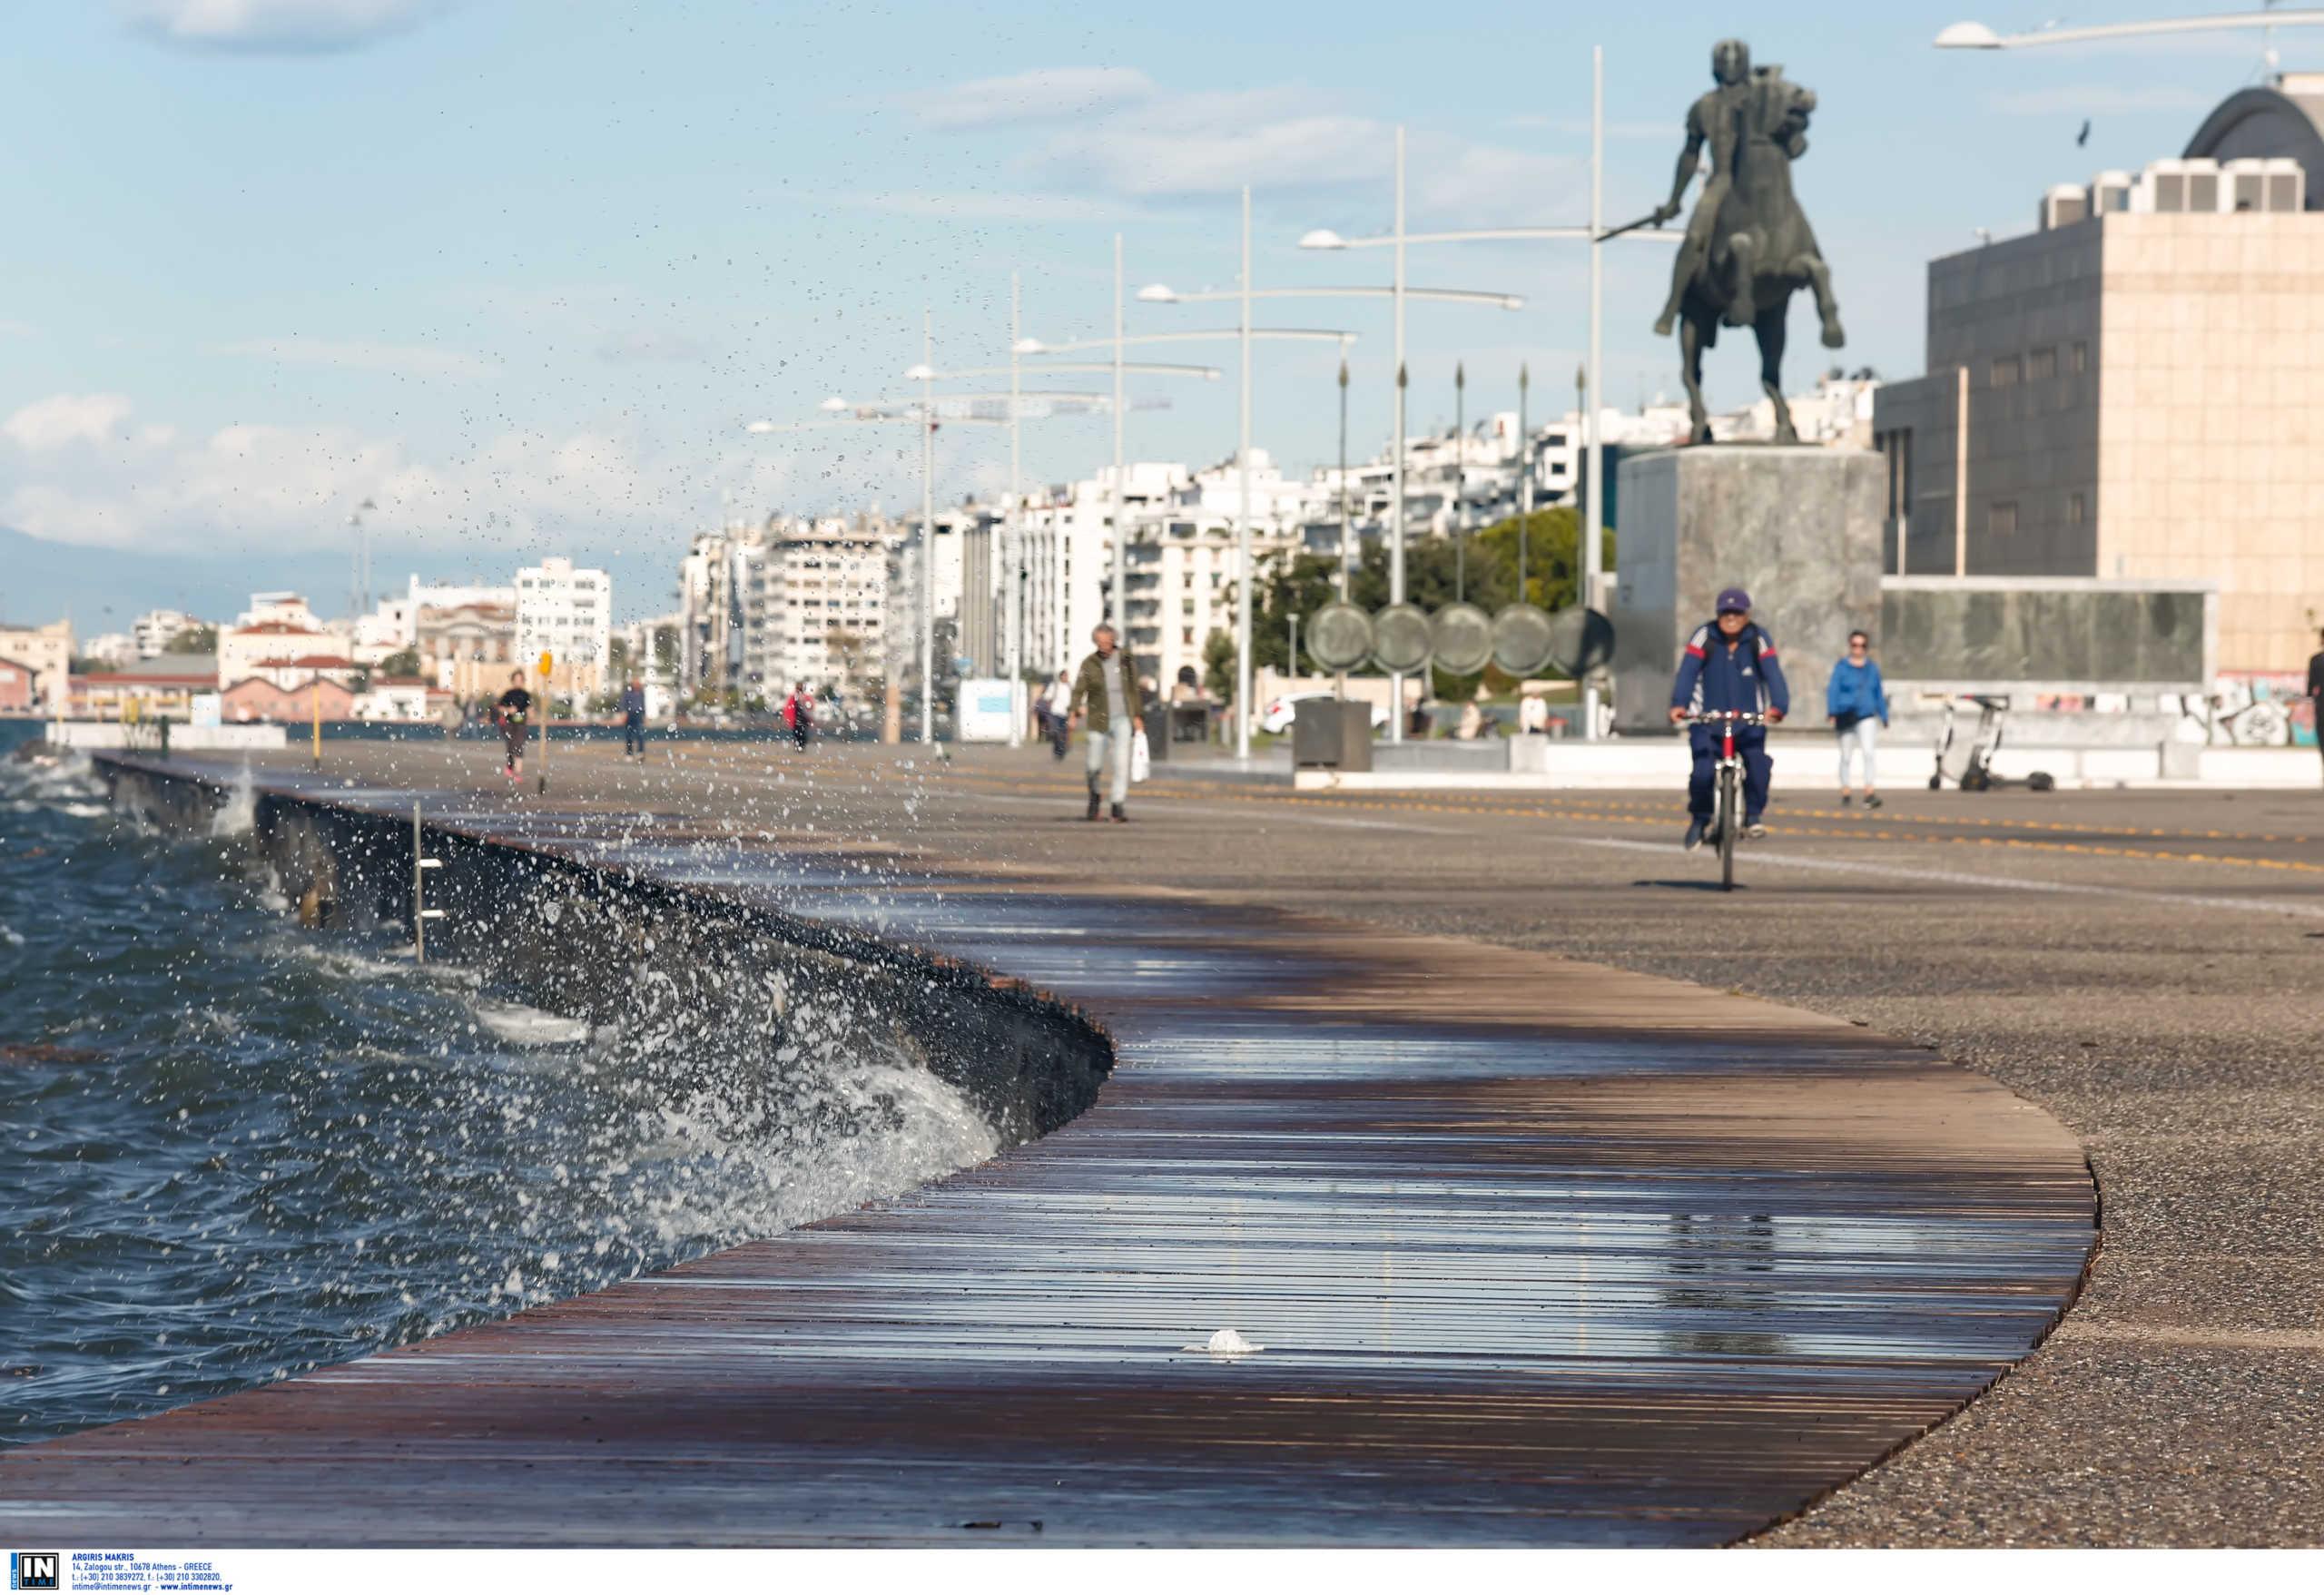 παραλία Θεσσαλονίκης Αττική